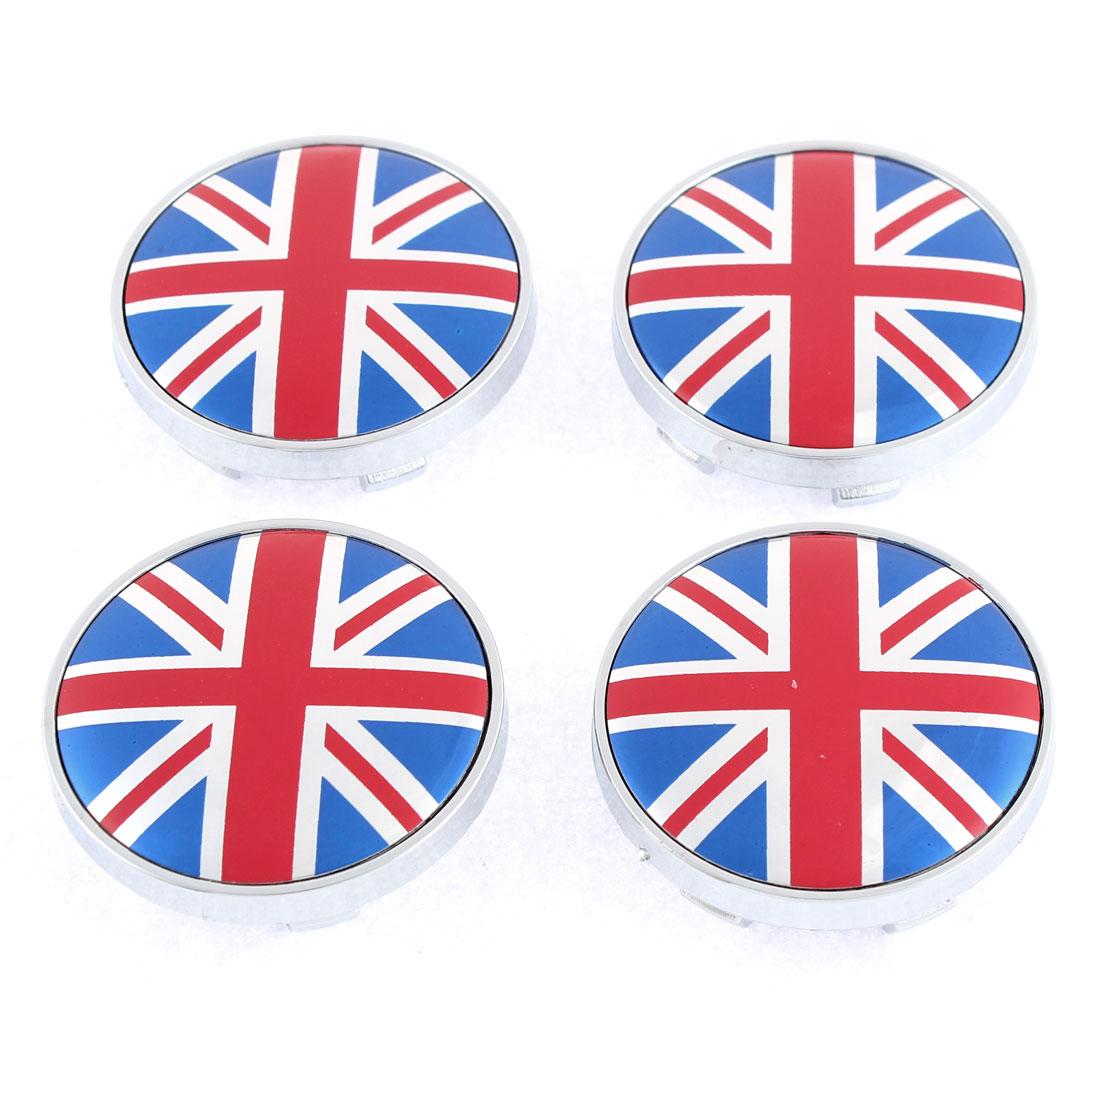 4 Pcs 60mm Outside Diameter UK Flag Pattern Plastic Wheel Center Hub Cap Cover Protector